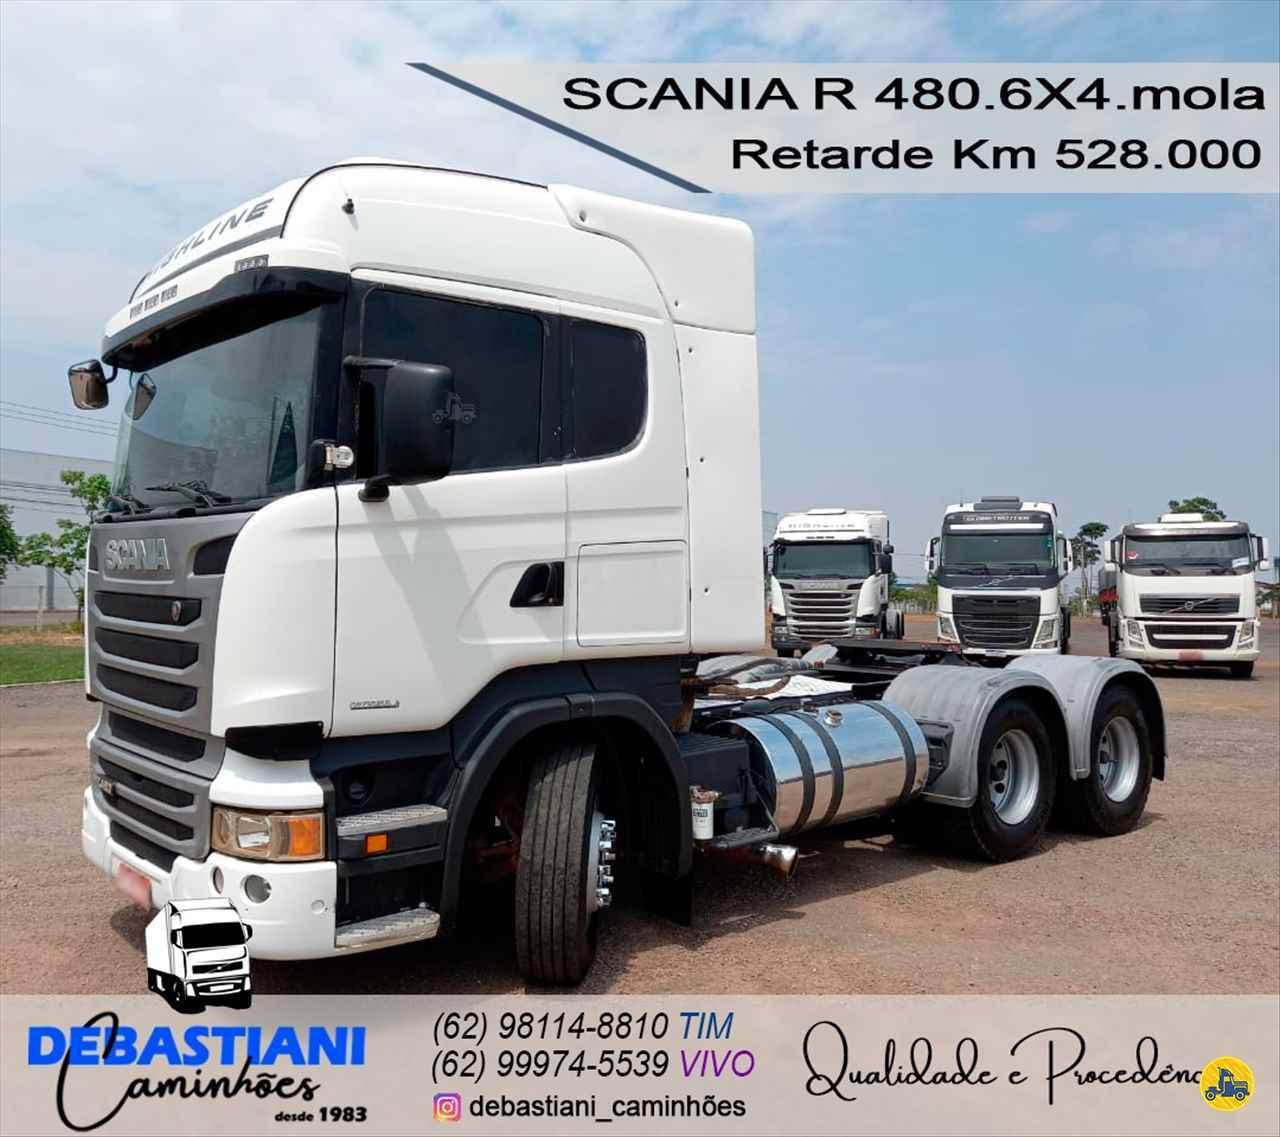 CAMINHAO SCANIA SCANIA 480 Cavalo Mecânico Traçado 6x4 Debastiani Caminhões ANAPOLIS GOIAS GO